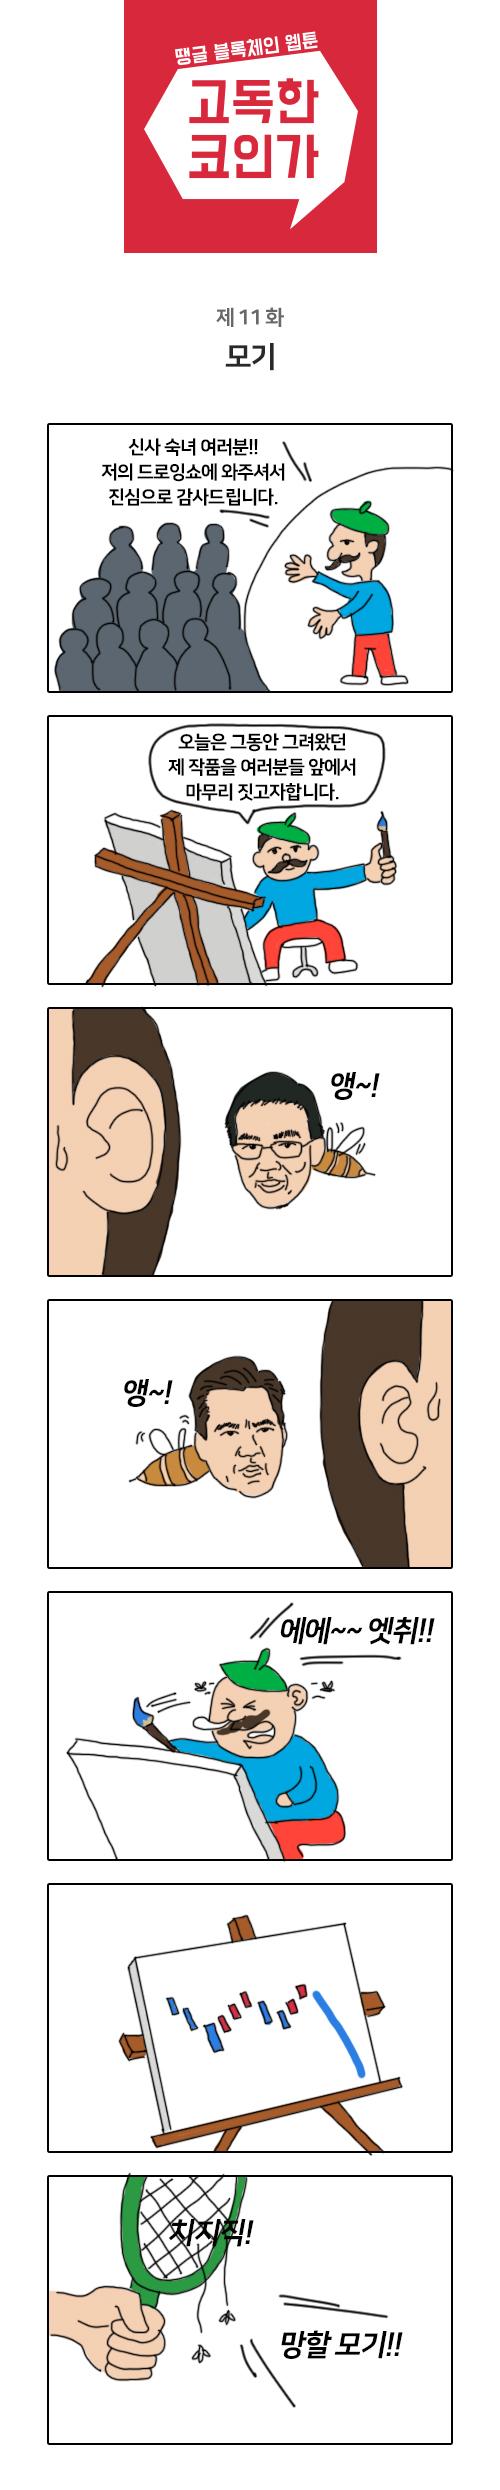 고독한코인가_11화.jpg